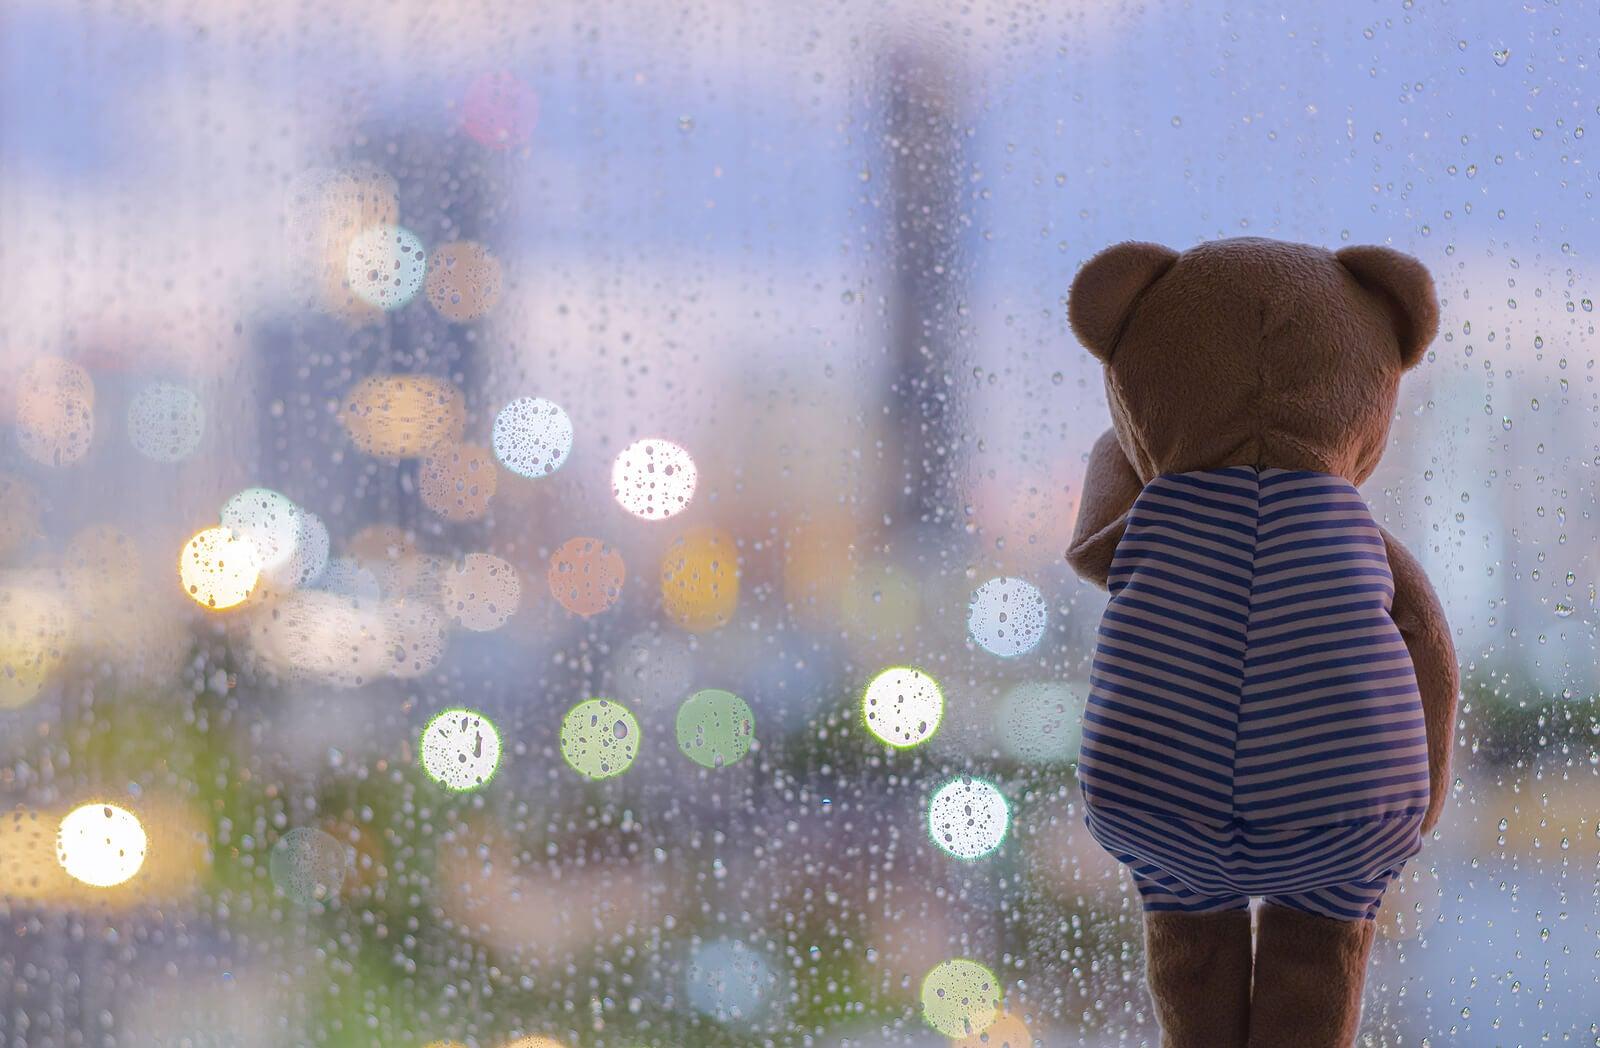 Osito de peluche mirando la lluvia a través de la ventana.